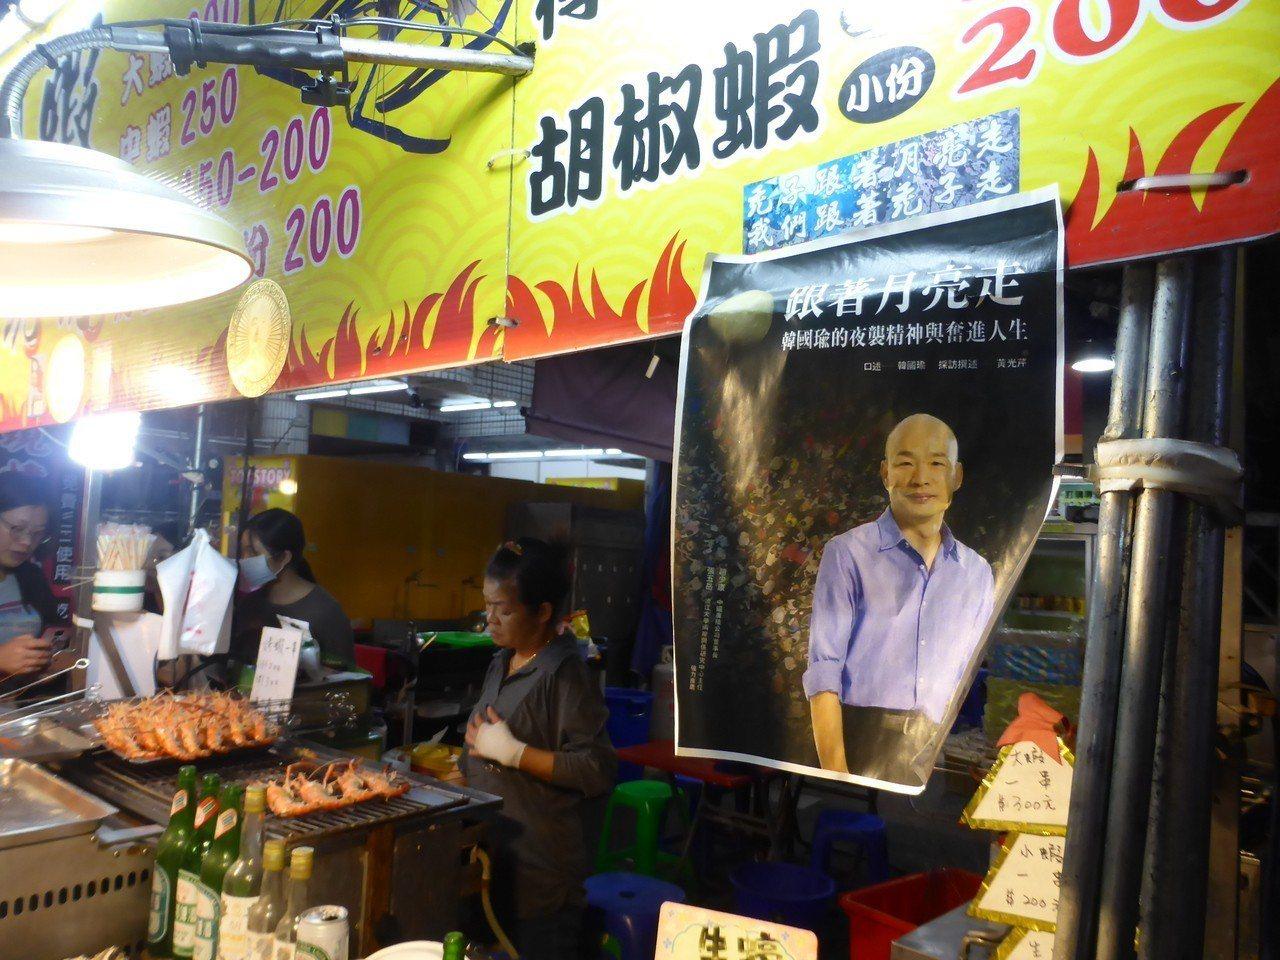 高雄市六合夜市店家擺了高雄市長韓國瑜照片招徠顧客。記者楊濡嘉/攝影